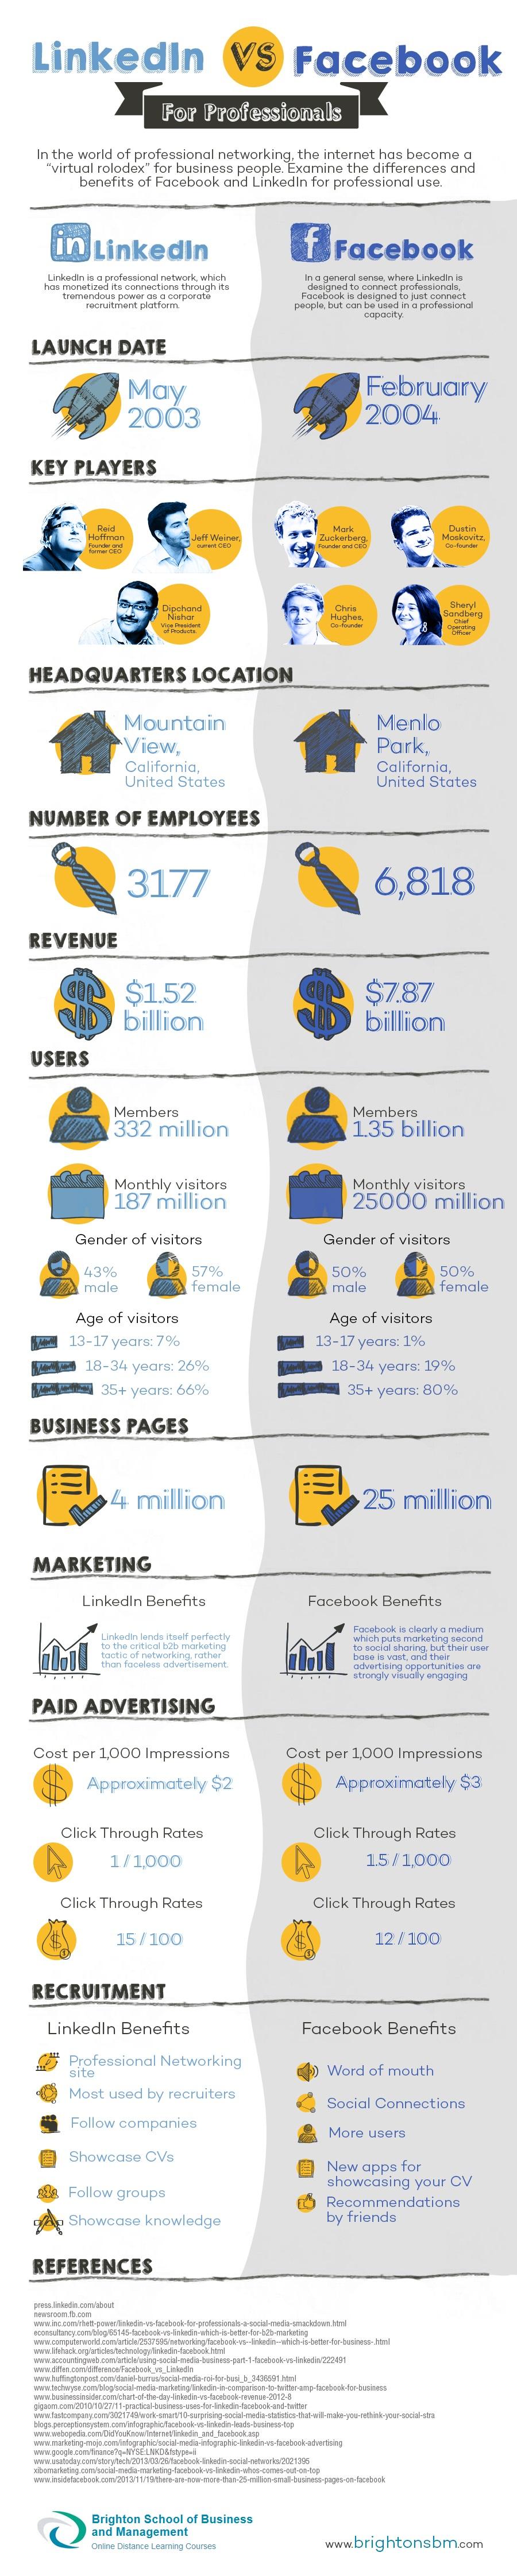 BSBM-IG-LinkedIn-vs-Facebook-Infographic